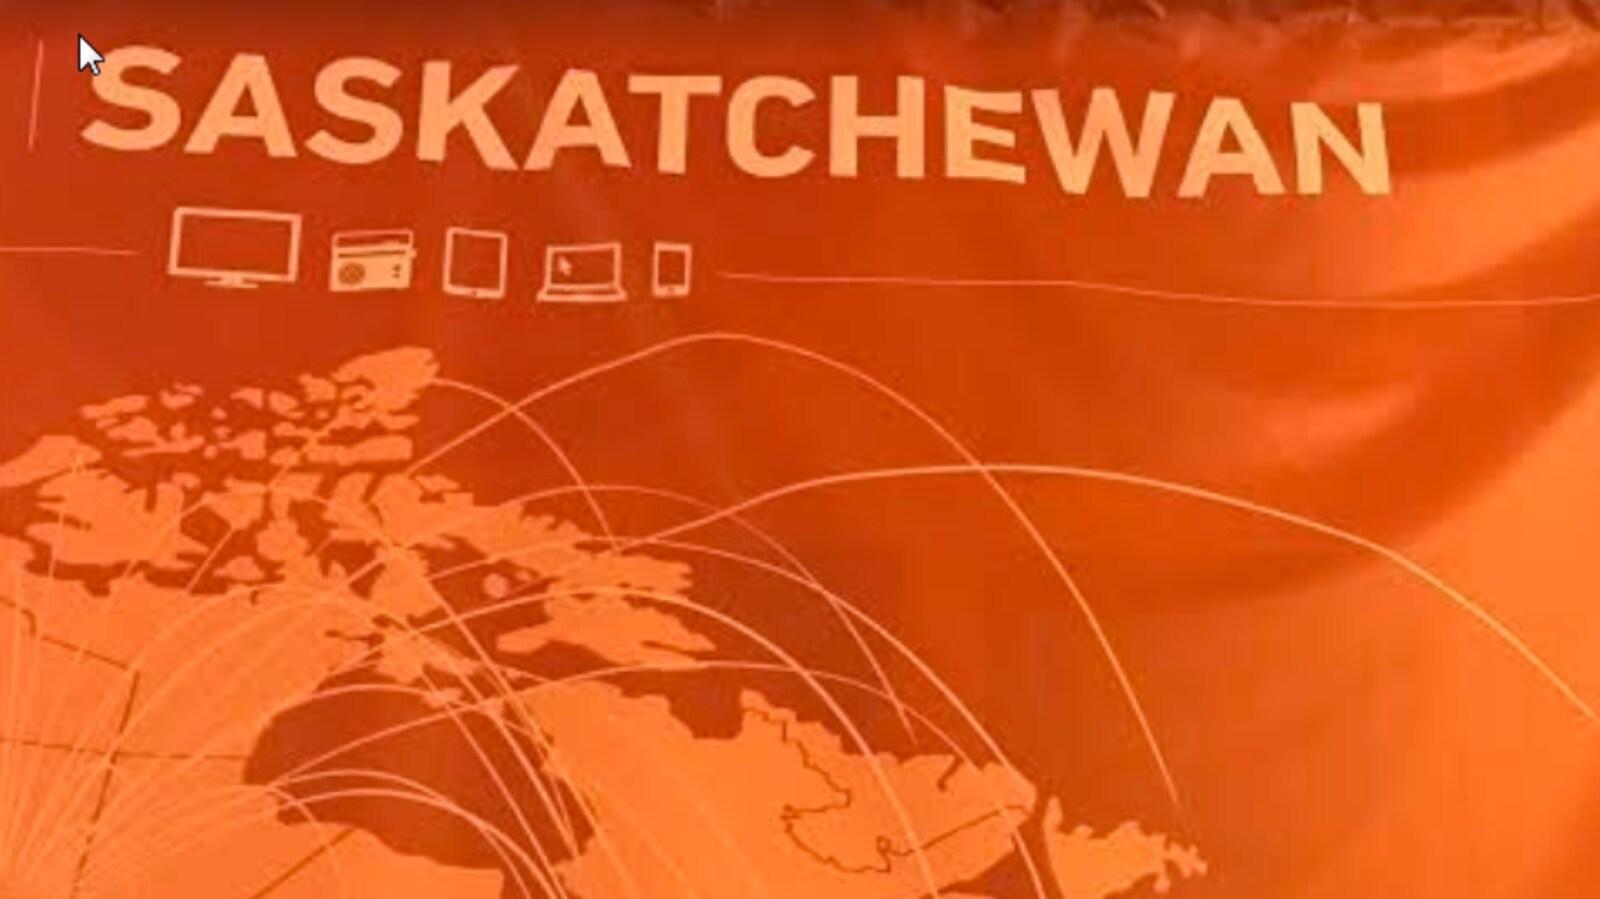 Une Banderole orange avec le mot Saskatchewan et des motifs d'une carte du Canada.